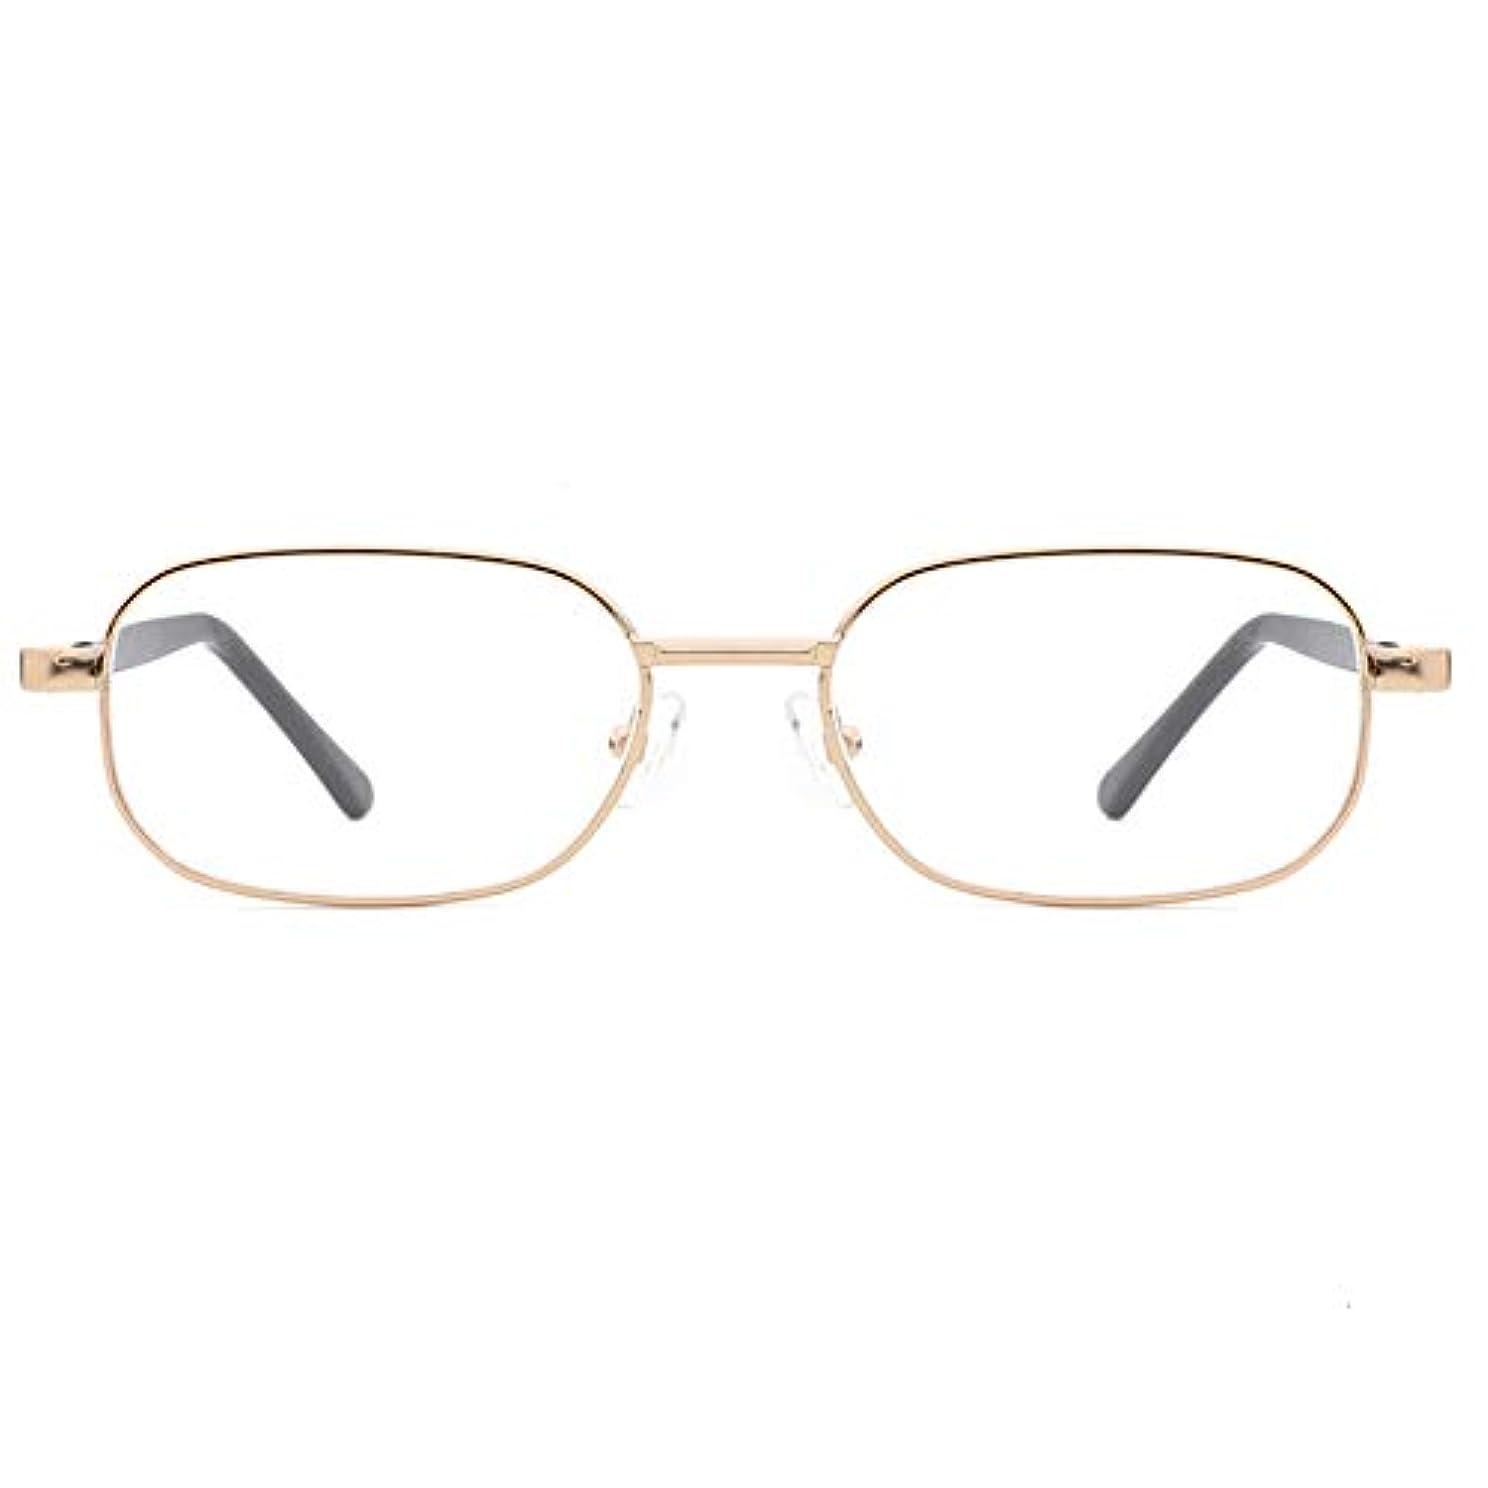 ピービッシュエピソードビジターデラックス老眼鏡、快適なフィットスプリングヒンジ、男性用ゴールドHd、クラシック、耐久性